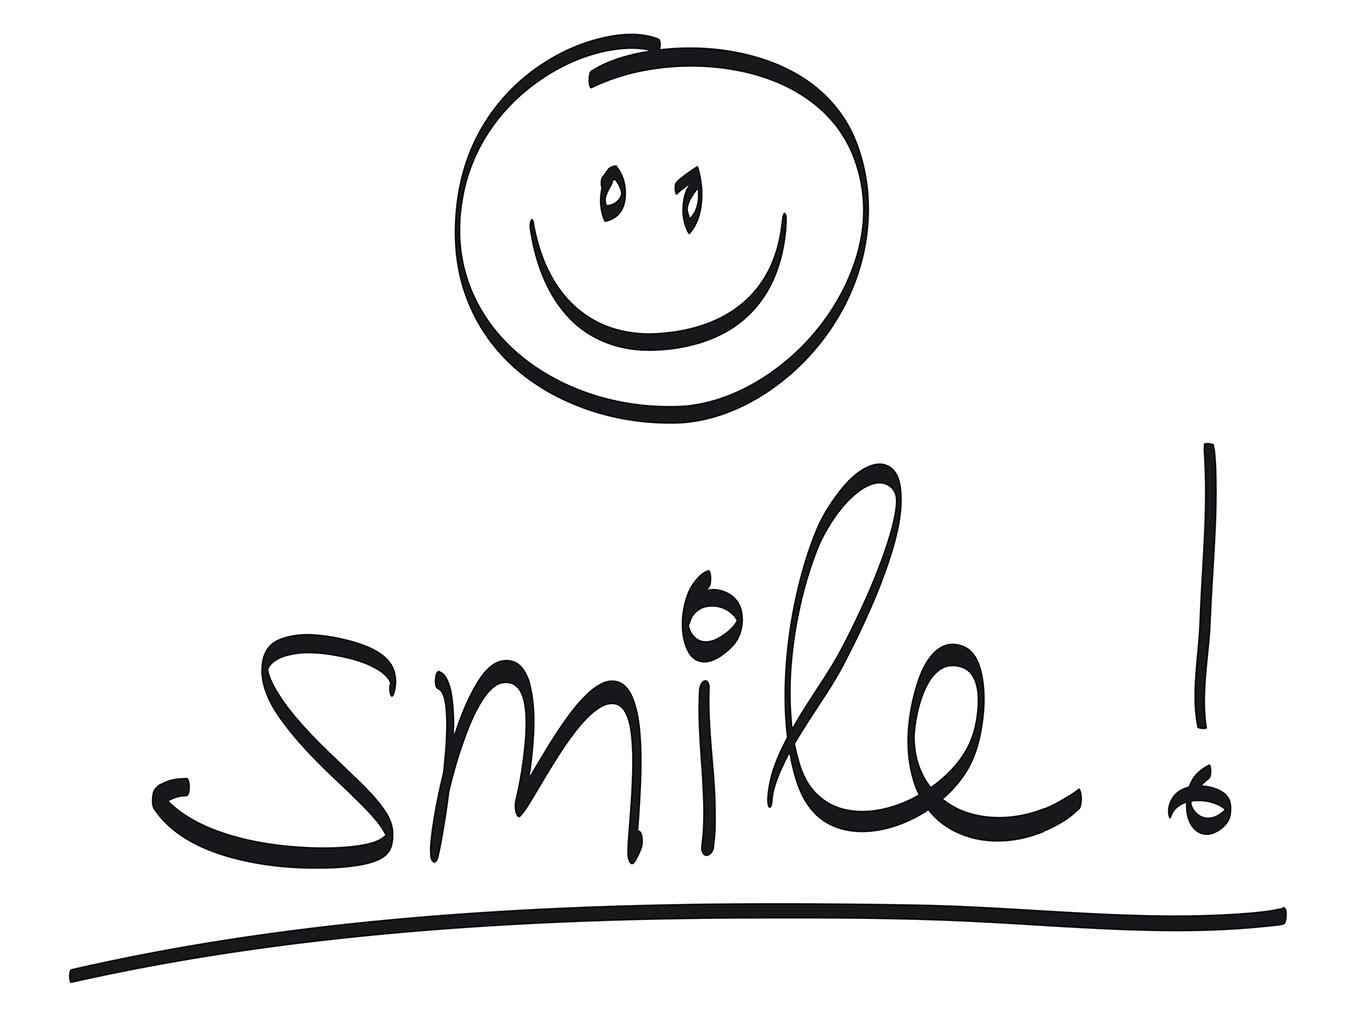 အပြုံးနှင့်နှုတ်ဆတ်ခြင်း/笑顔と挨拶